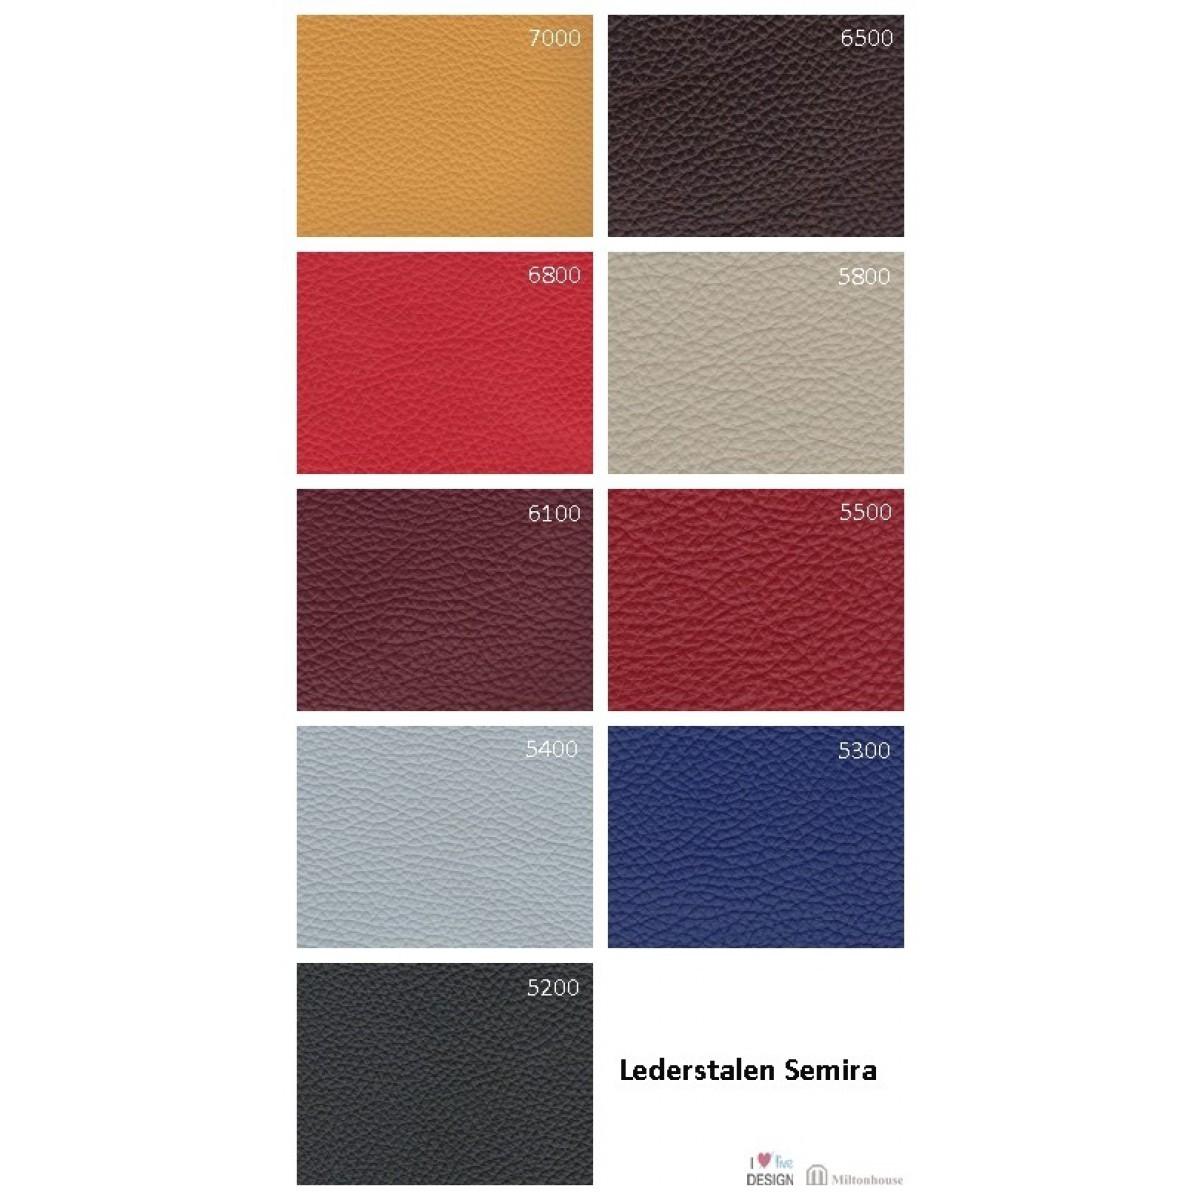 leer-leder-semira-kleuren3